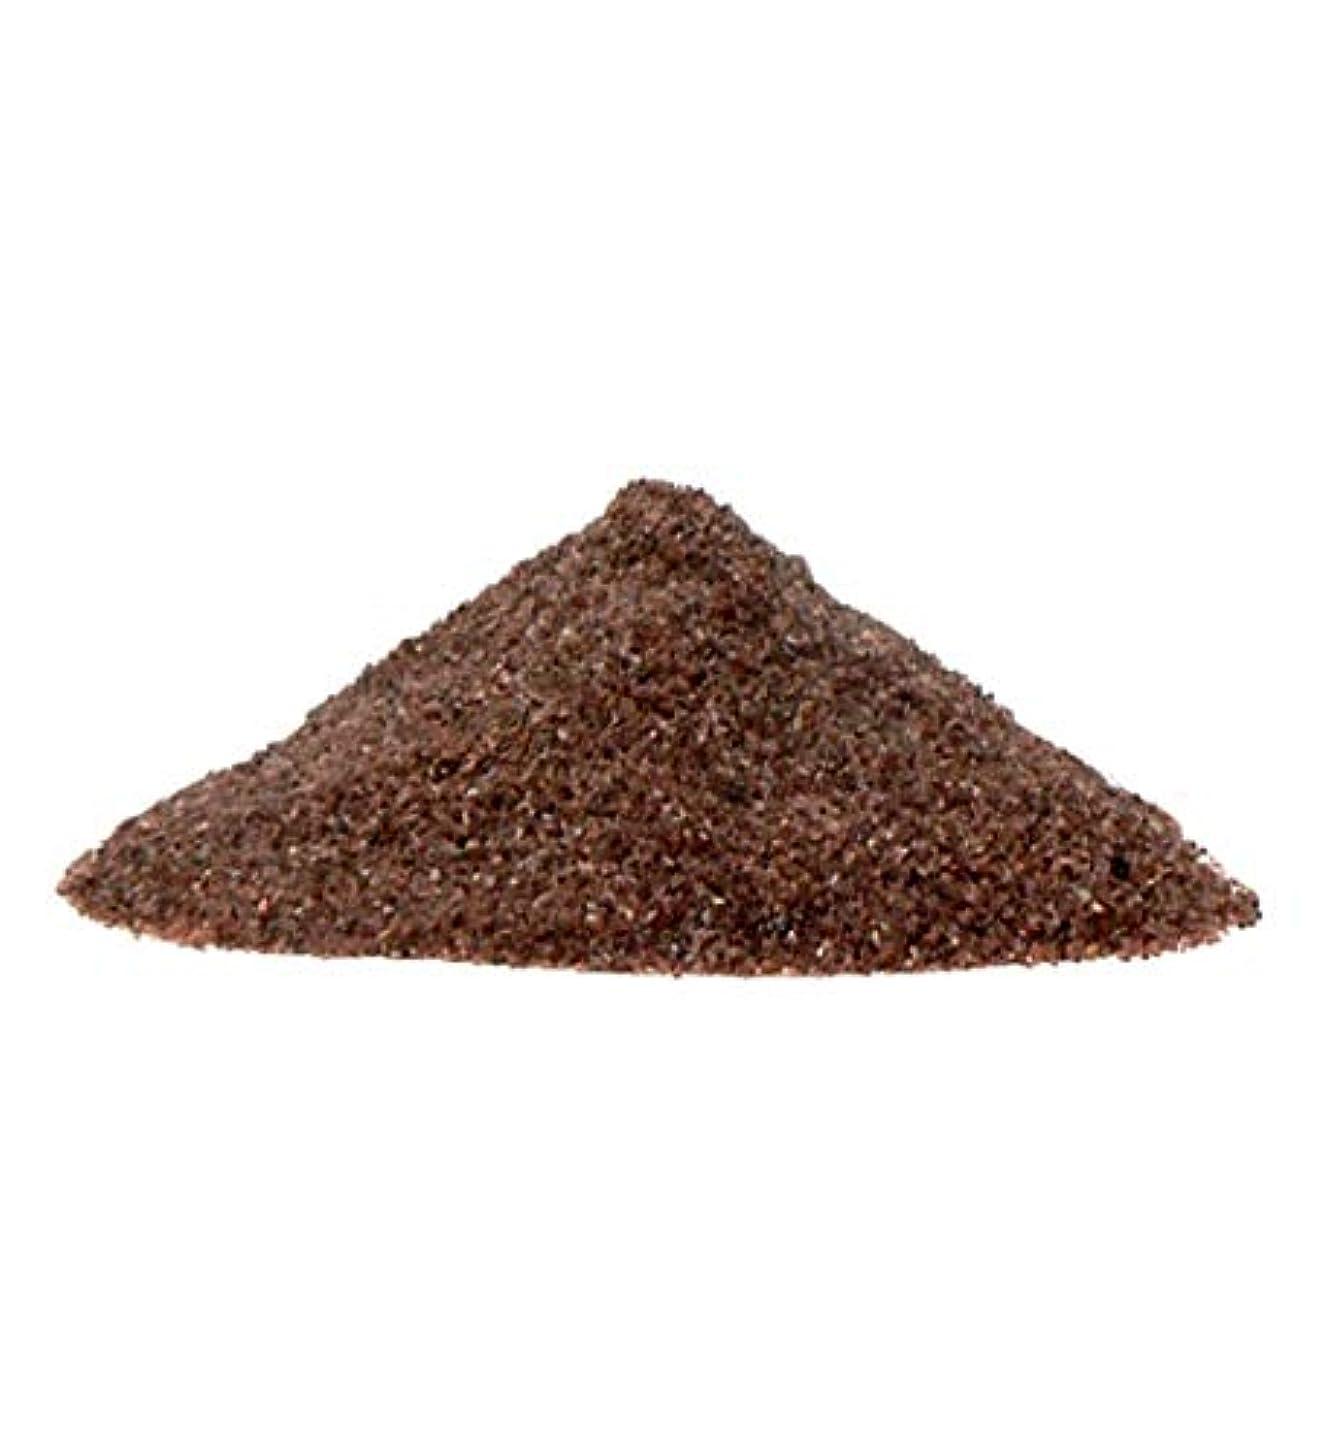 ますます合金哲学的増量中!ヒマラヤ岩塩 ブラックソルト 入浴用 バスソルト (微粒パウダー) 黒岩塩 (3kg+500g増量)